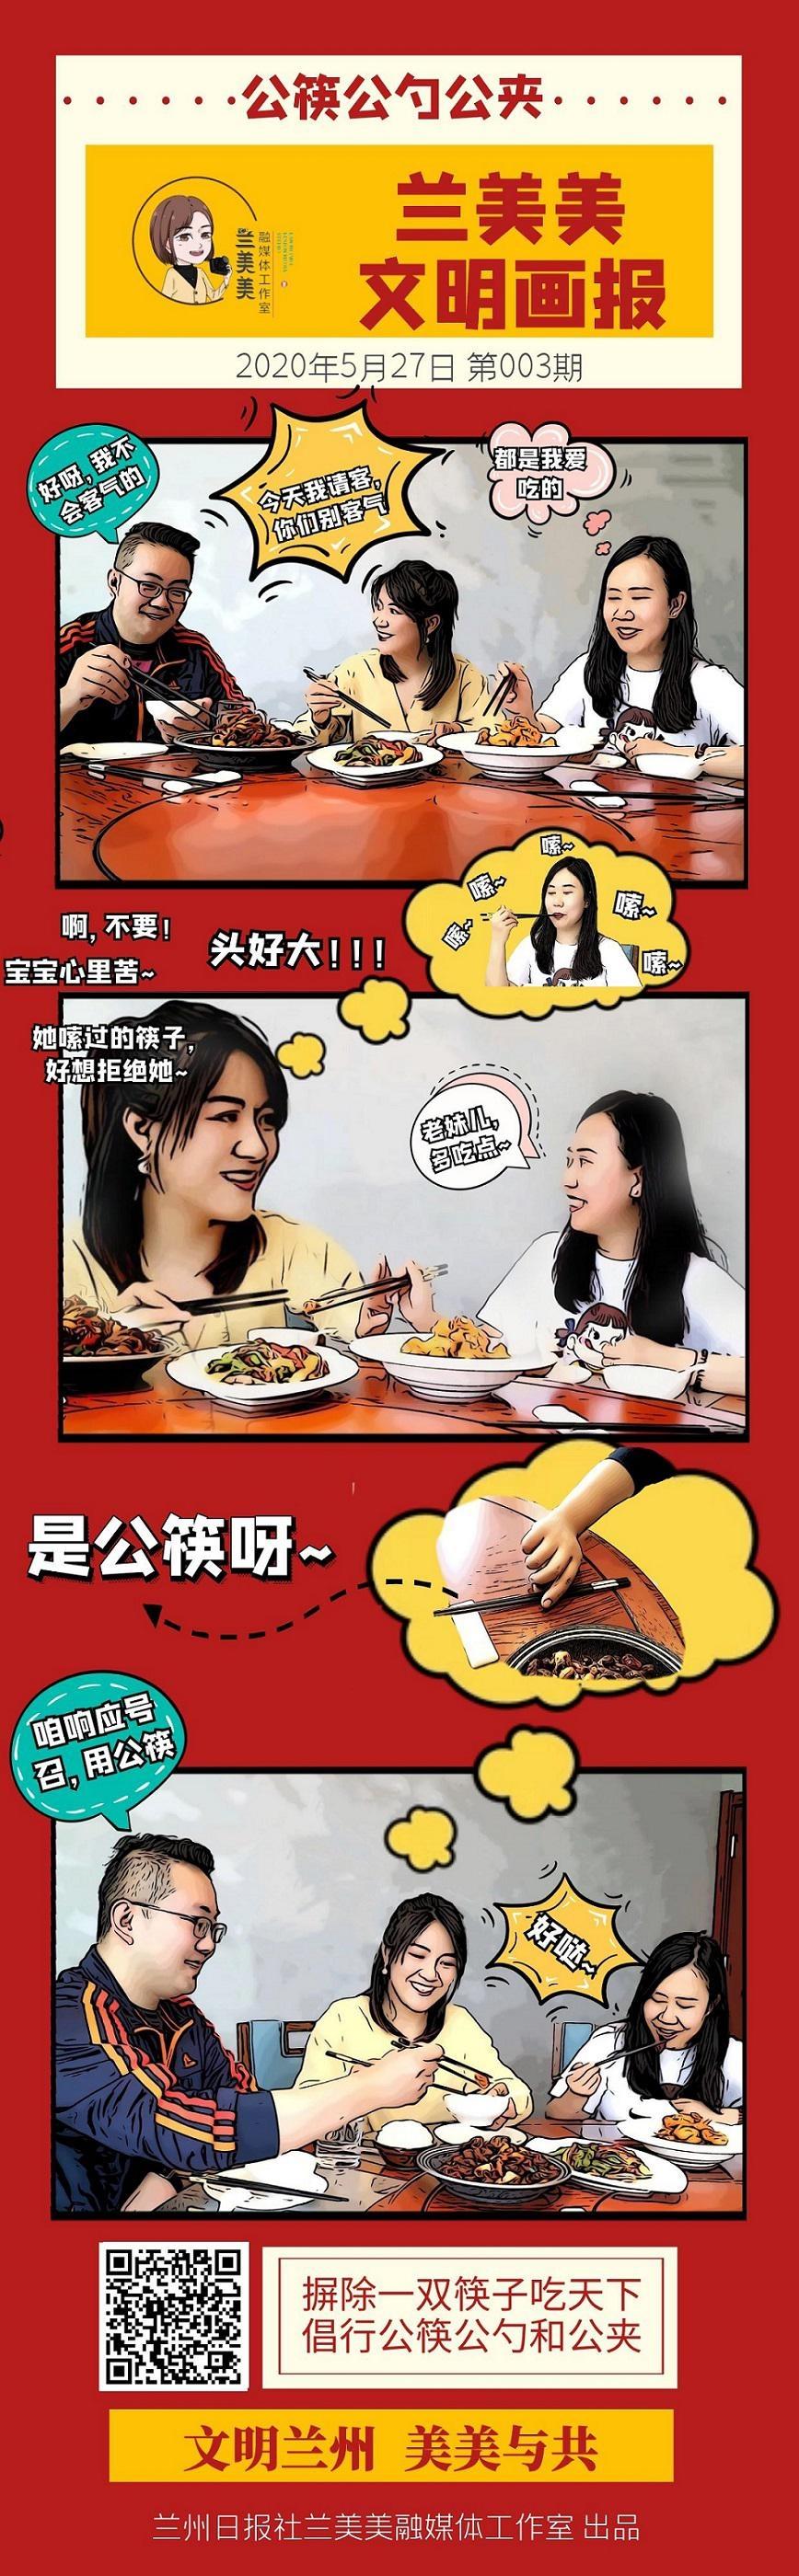 兰美美文明画报丨一双筷子吃天下?不!(003期)